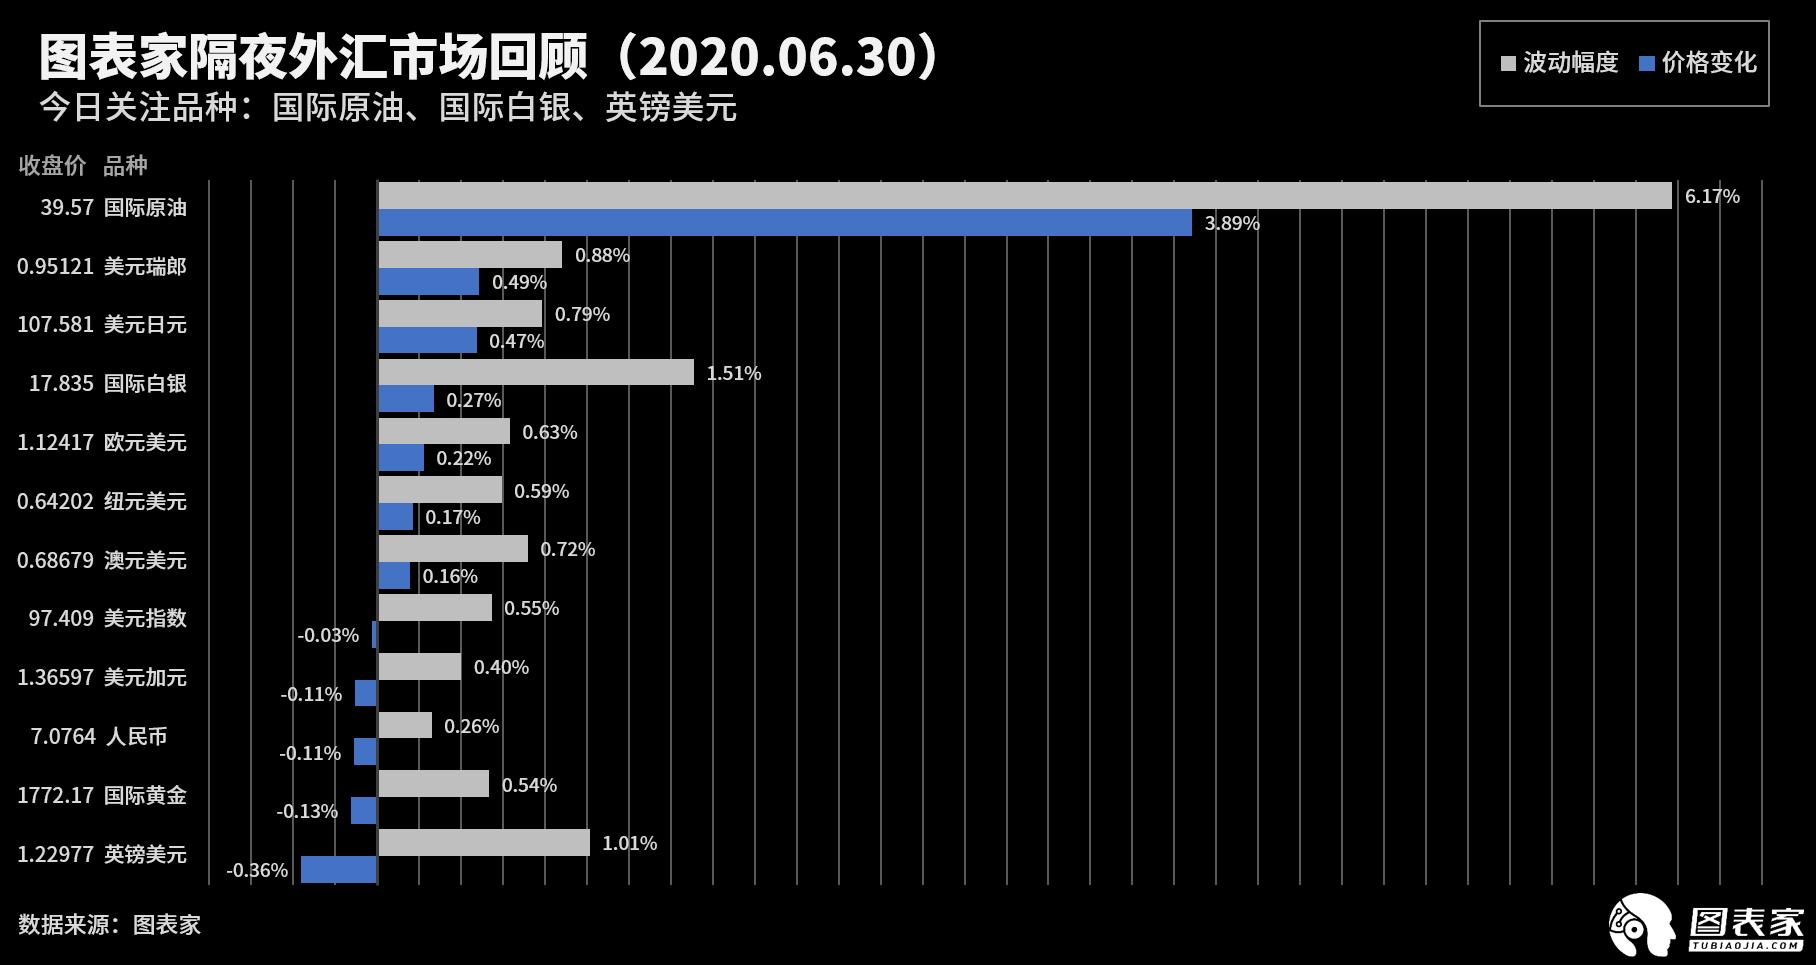 黄金原油喊单直播室技术图表:今日交易机会提醒(06月30日) 期货分析 第4张